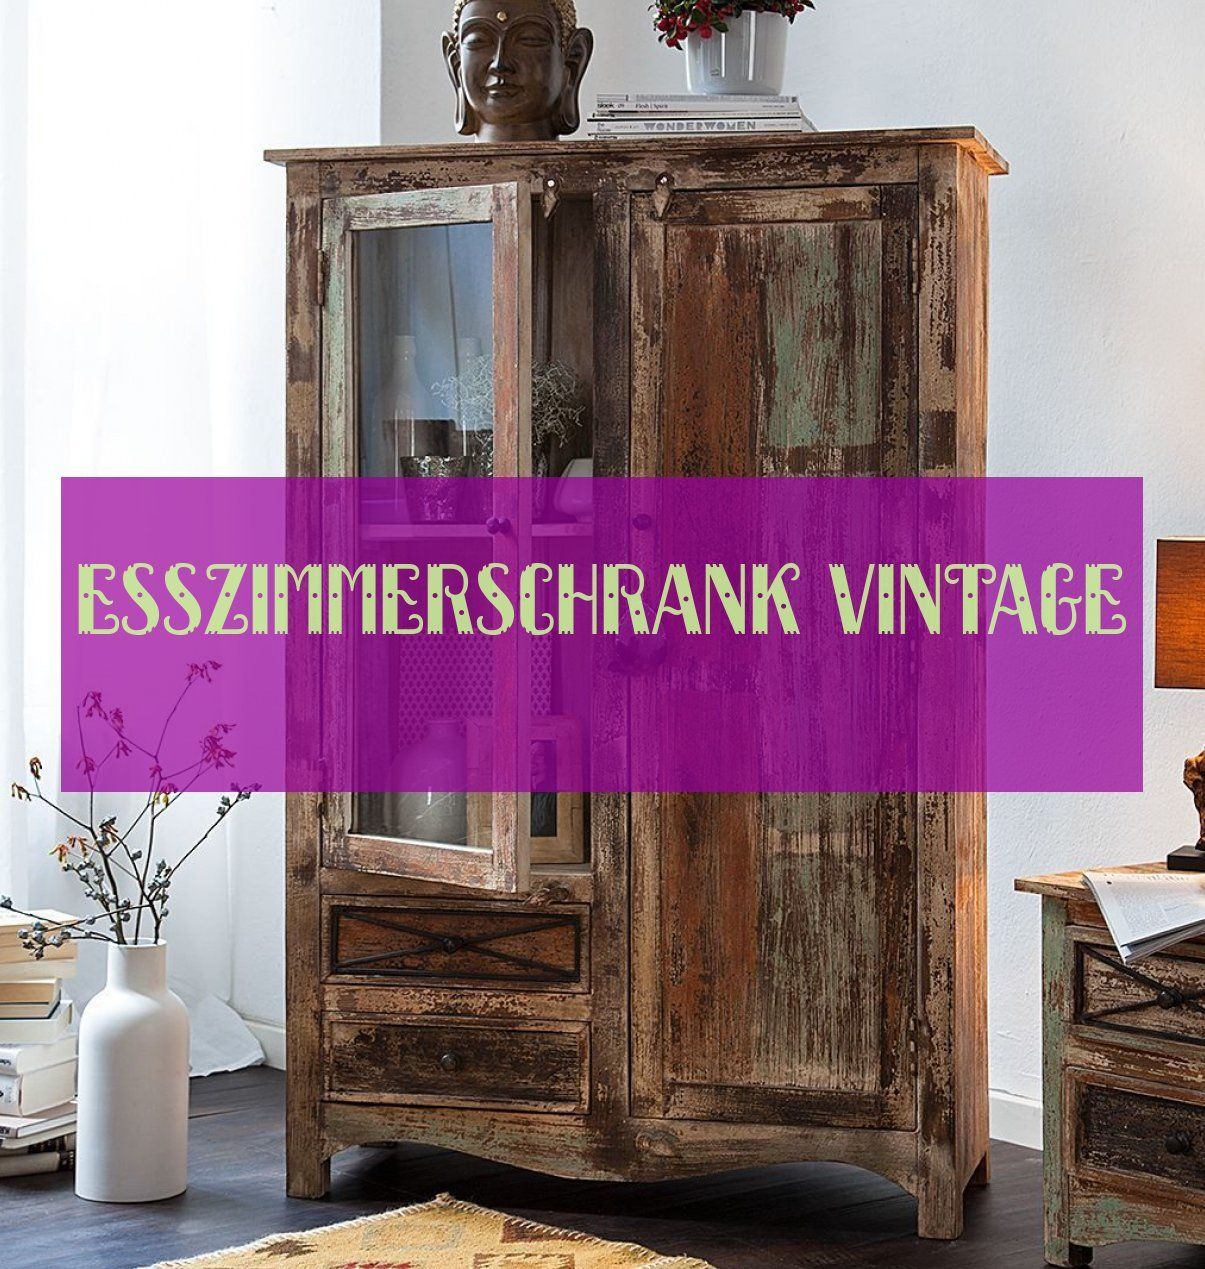 Esszimmerschrank Vintage 09 25 2019 Vintage Wedding